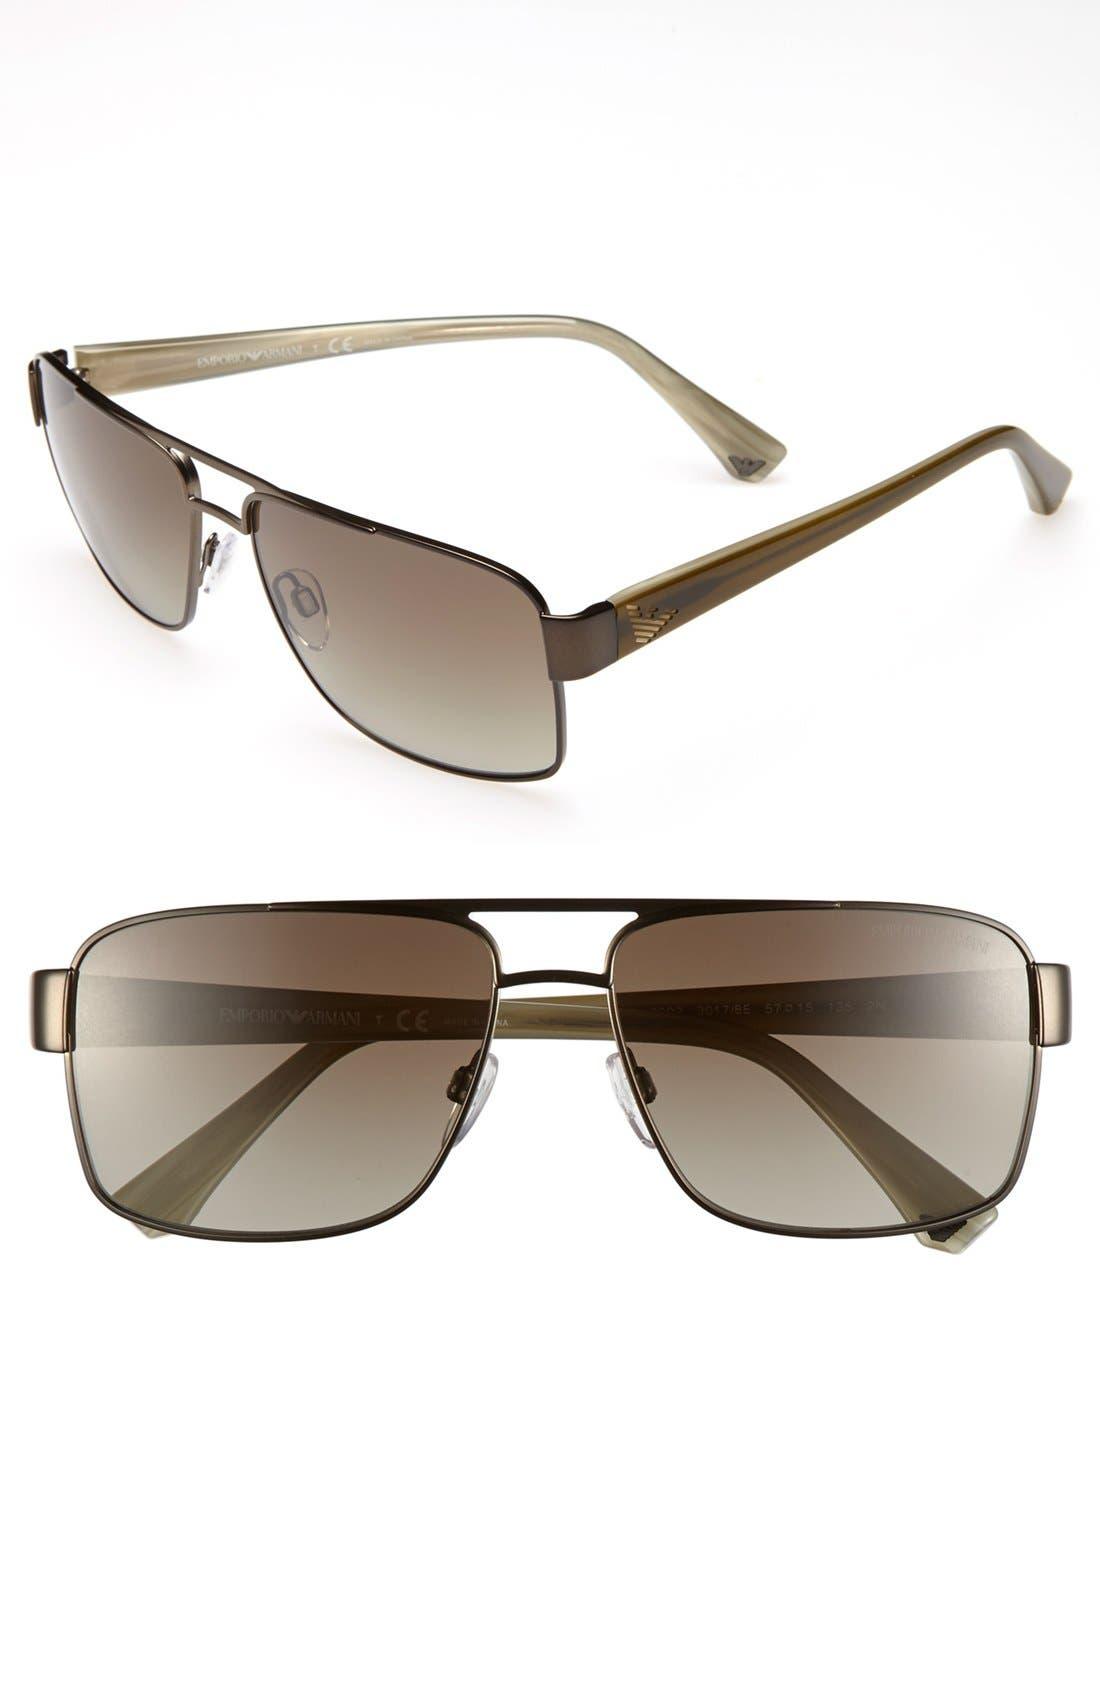 Main Image - Emporio Armani 57mm Sunglasses